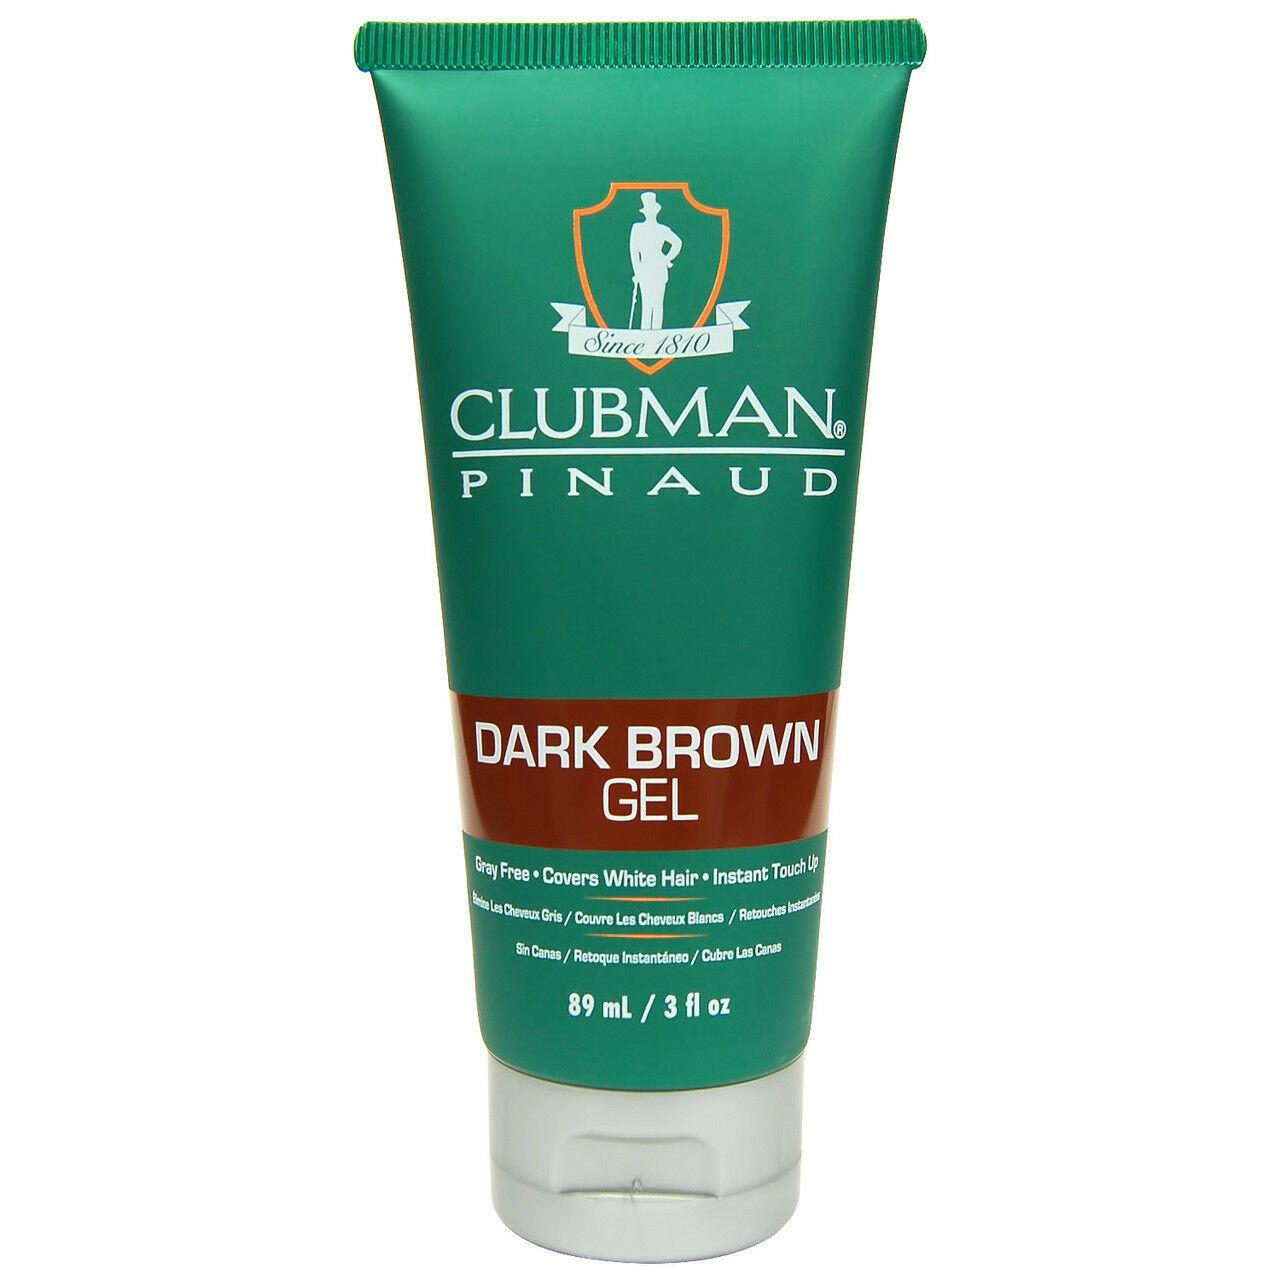 Clubman Pinaud Temporary Color Gel, Dark Brown  3 oz